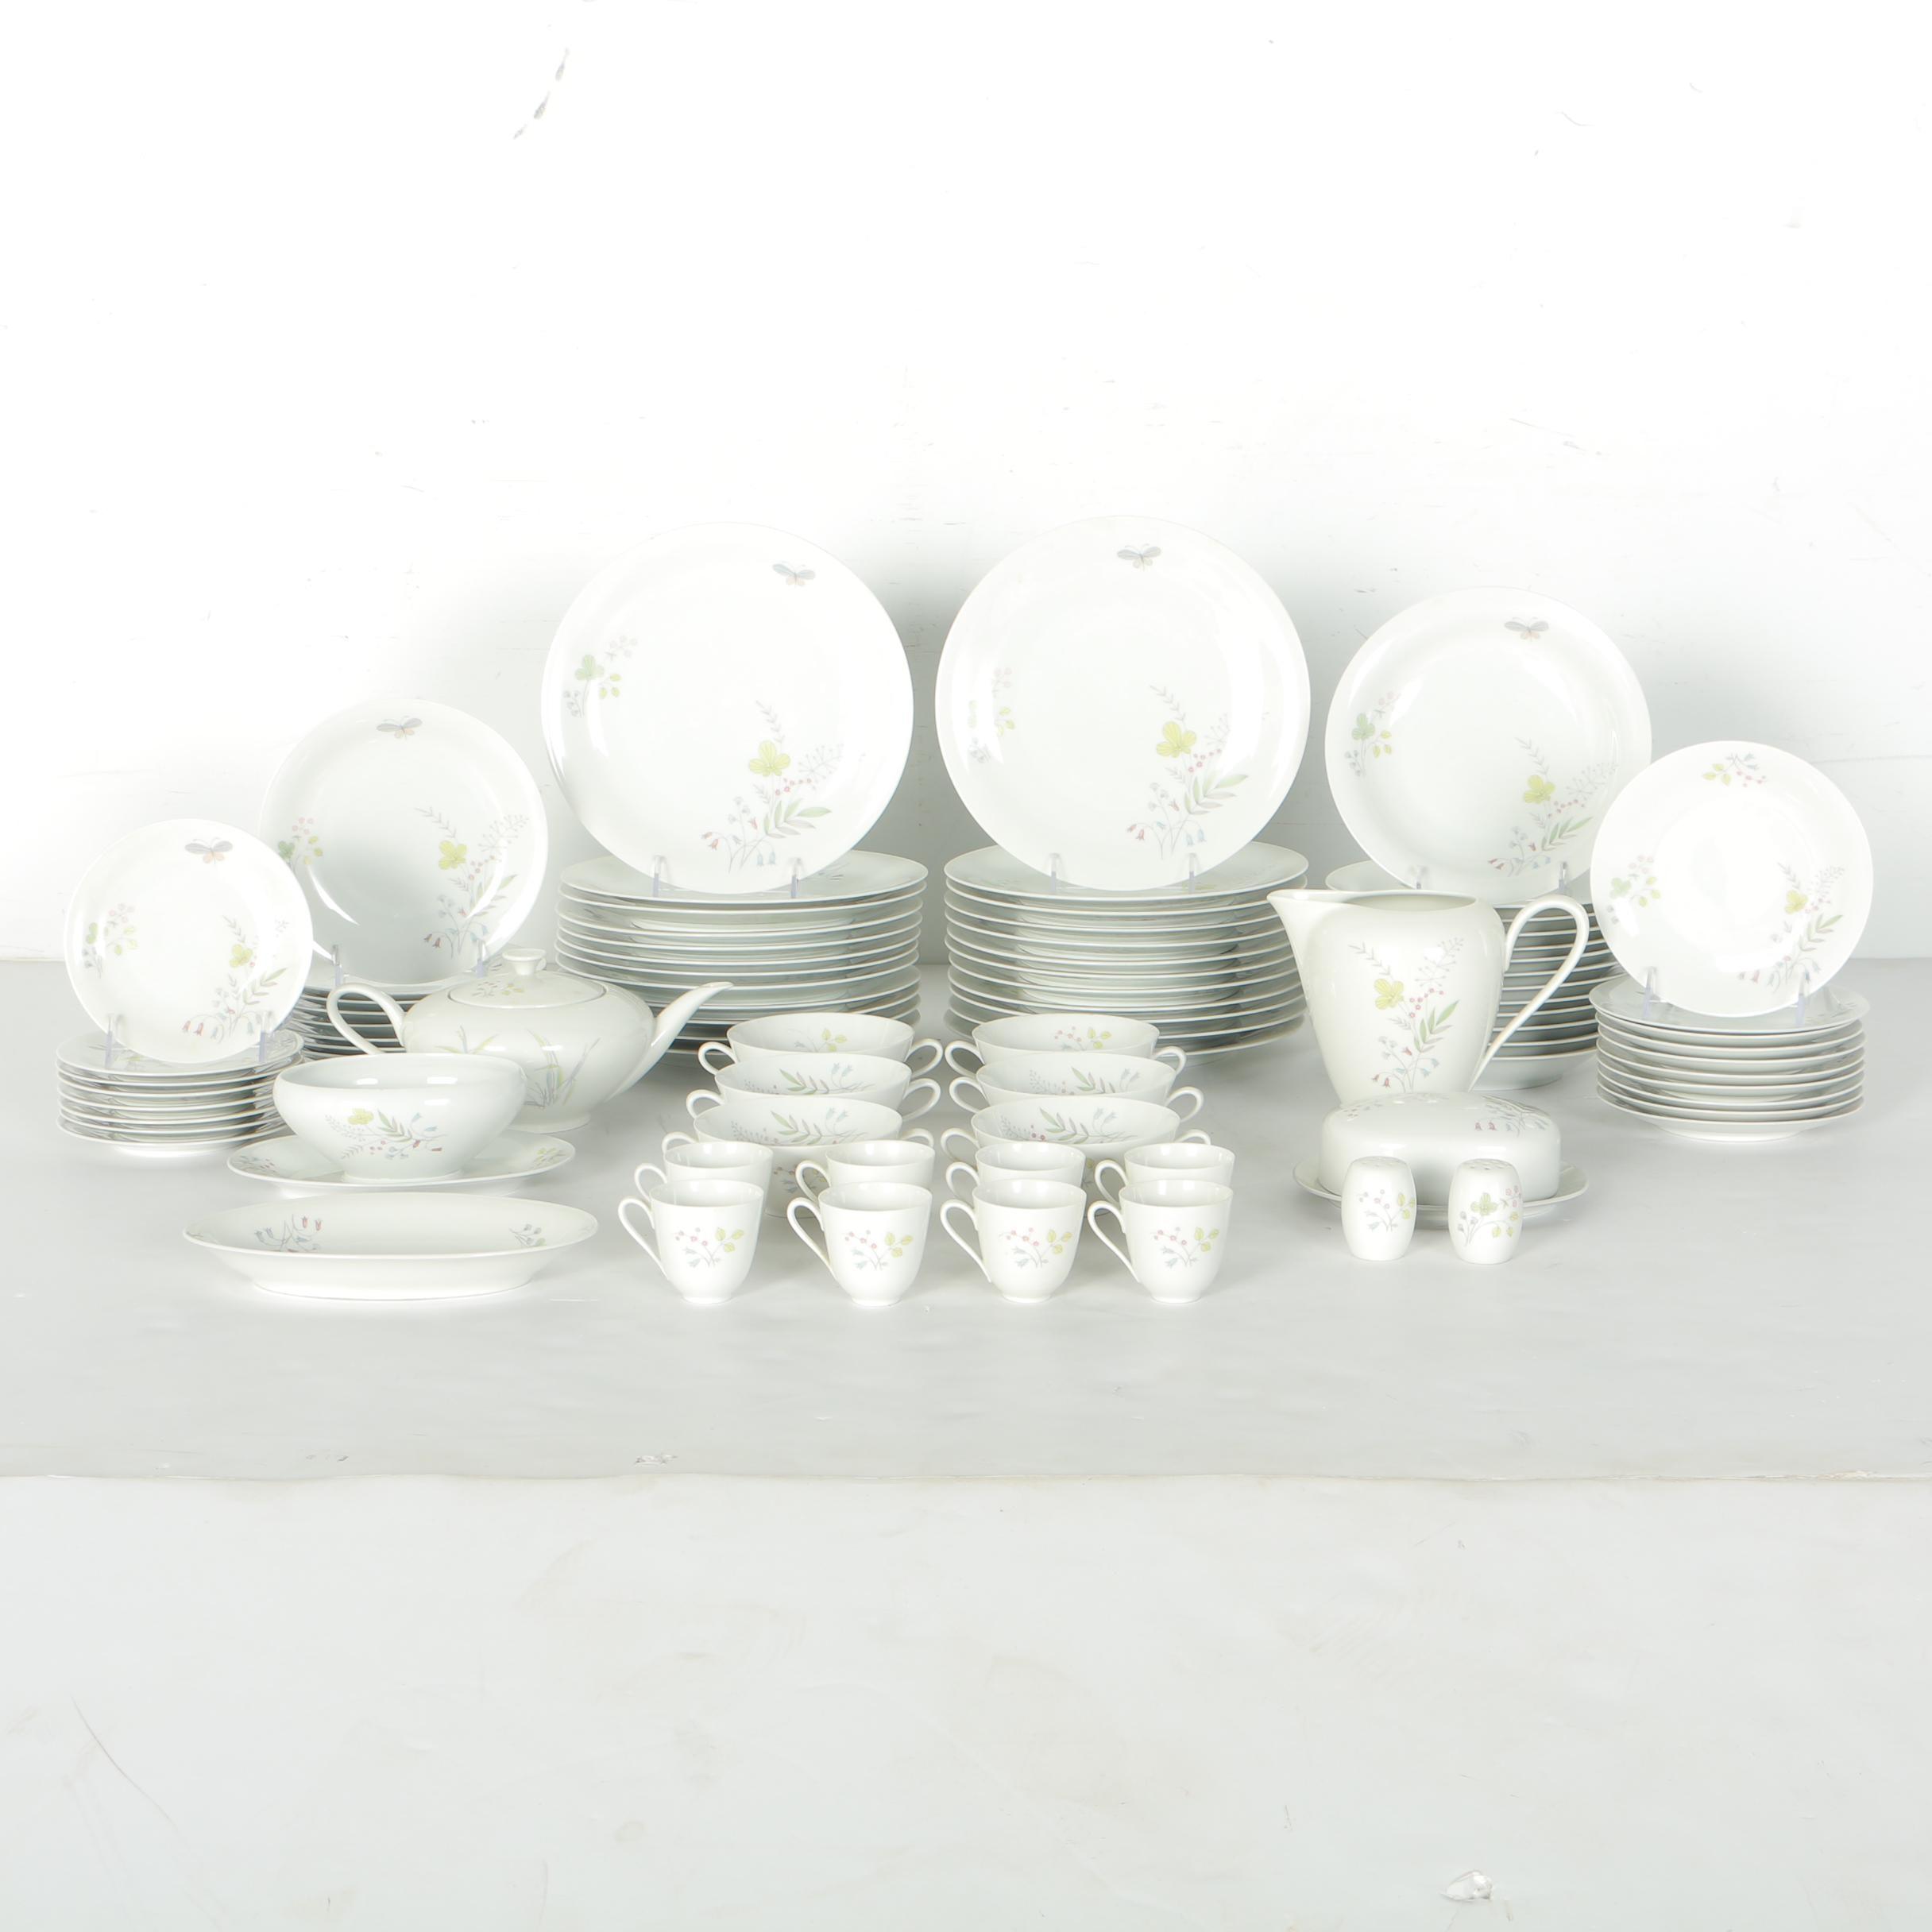 Large Set of Tirschenreuth Porcelain Tableware